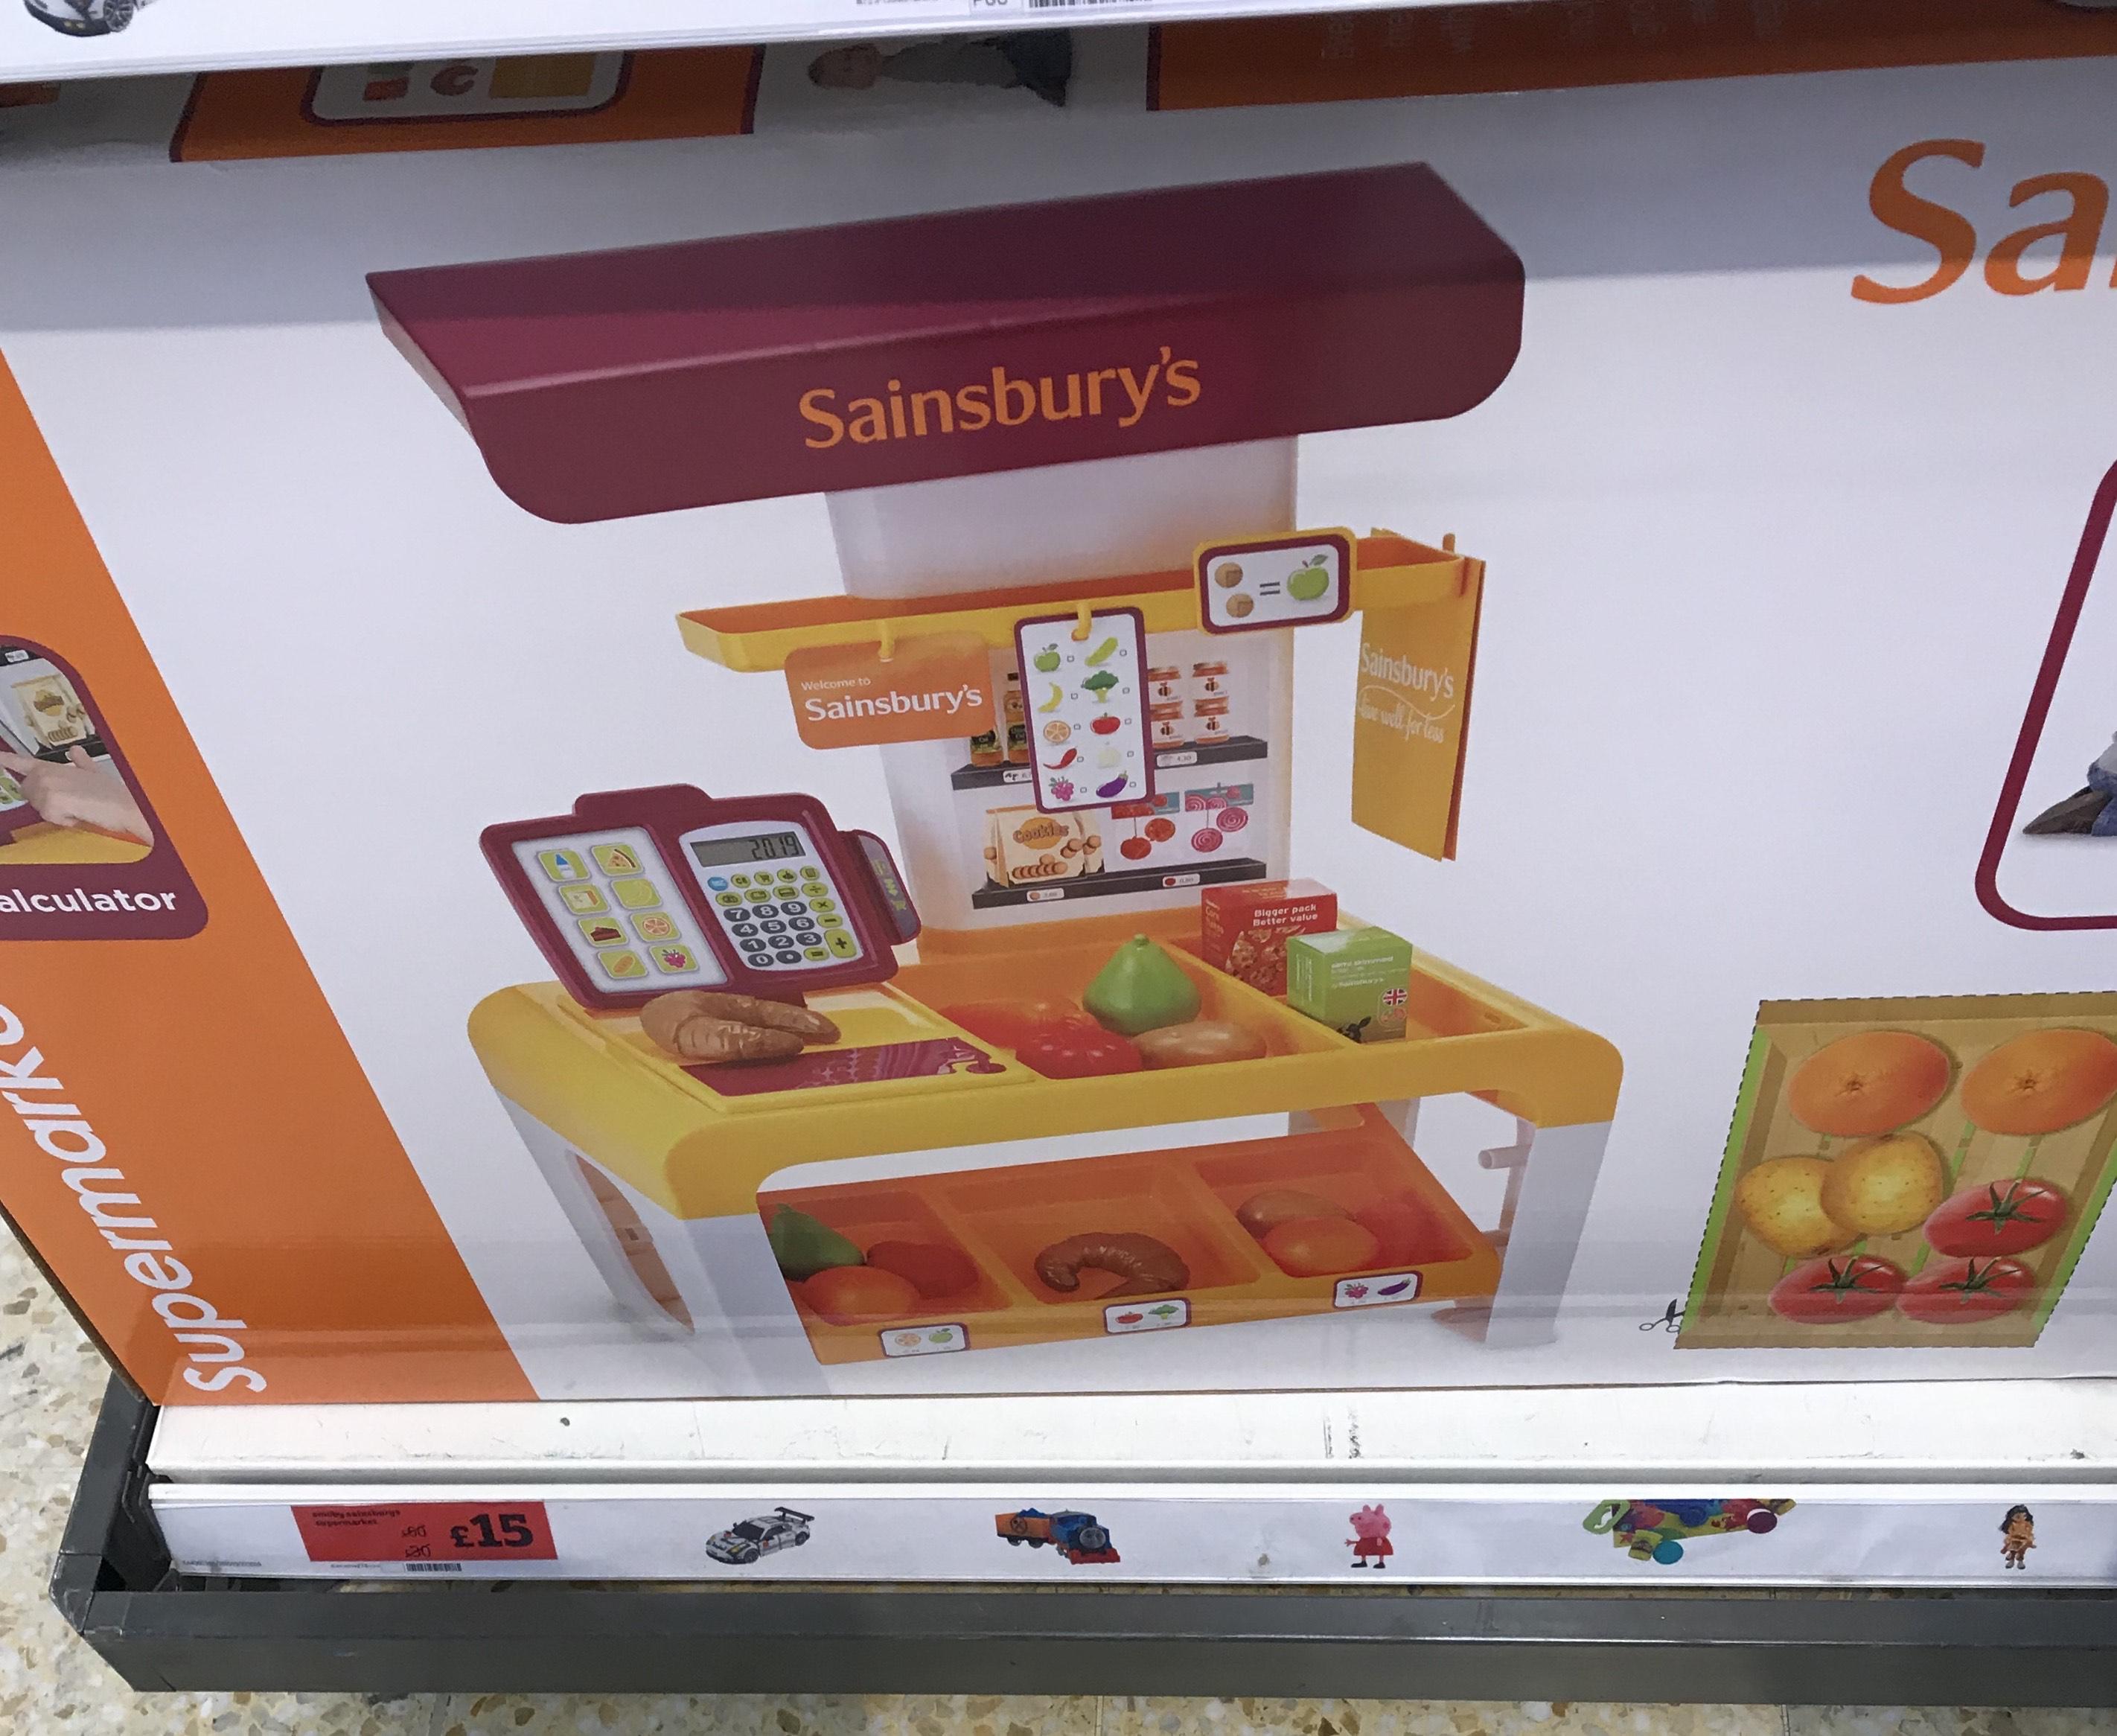 Sainsbury's Supermarket Toy 75% off - £15 instore @ Sainsburys haringey